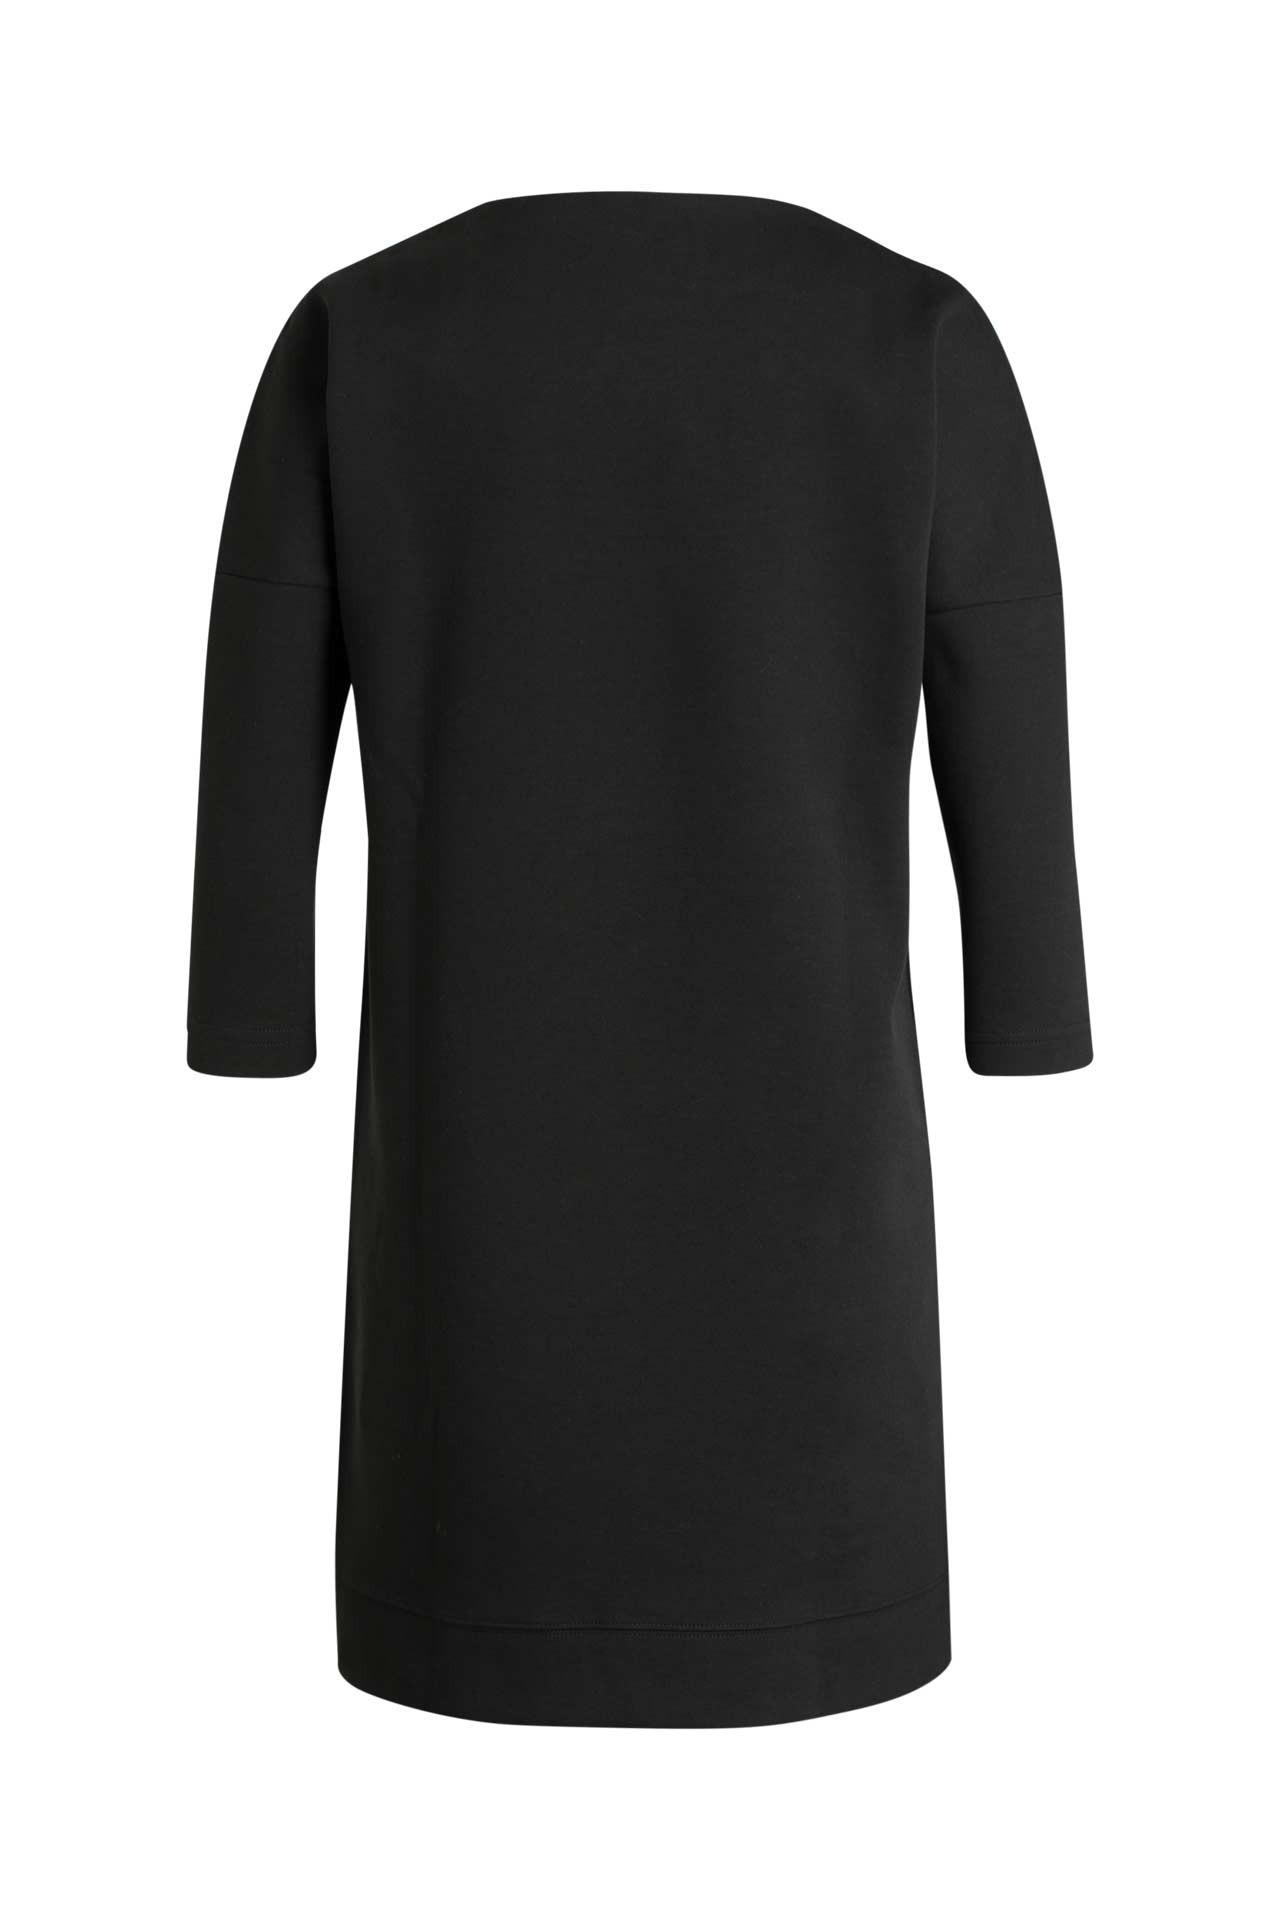 Kleid Schwarz  Lacoste » Günstig Online Kaufen